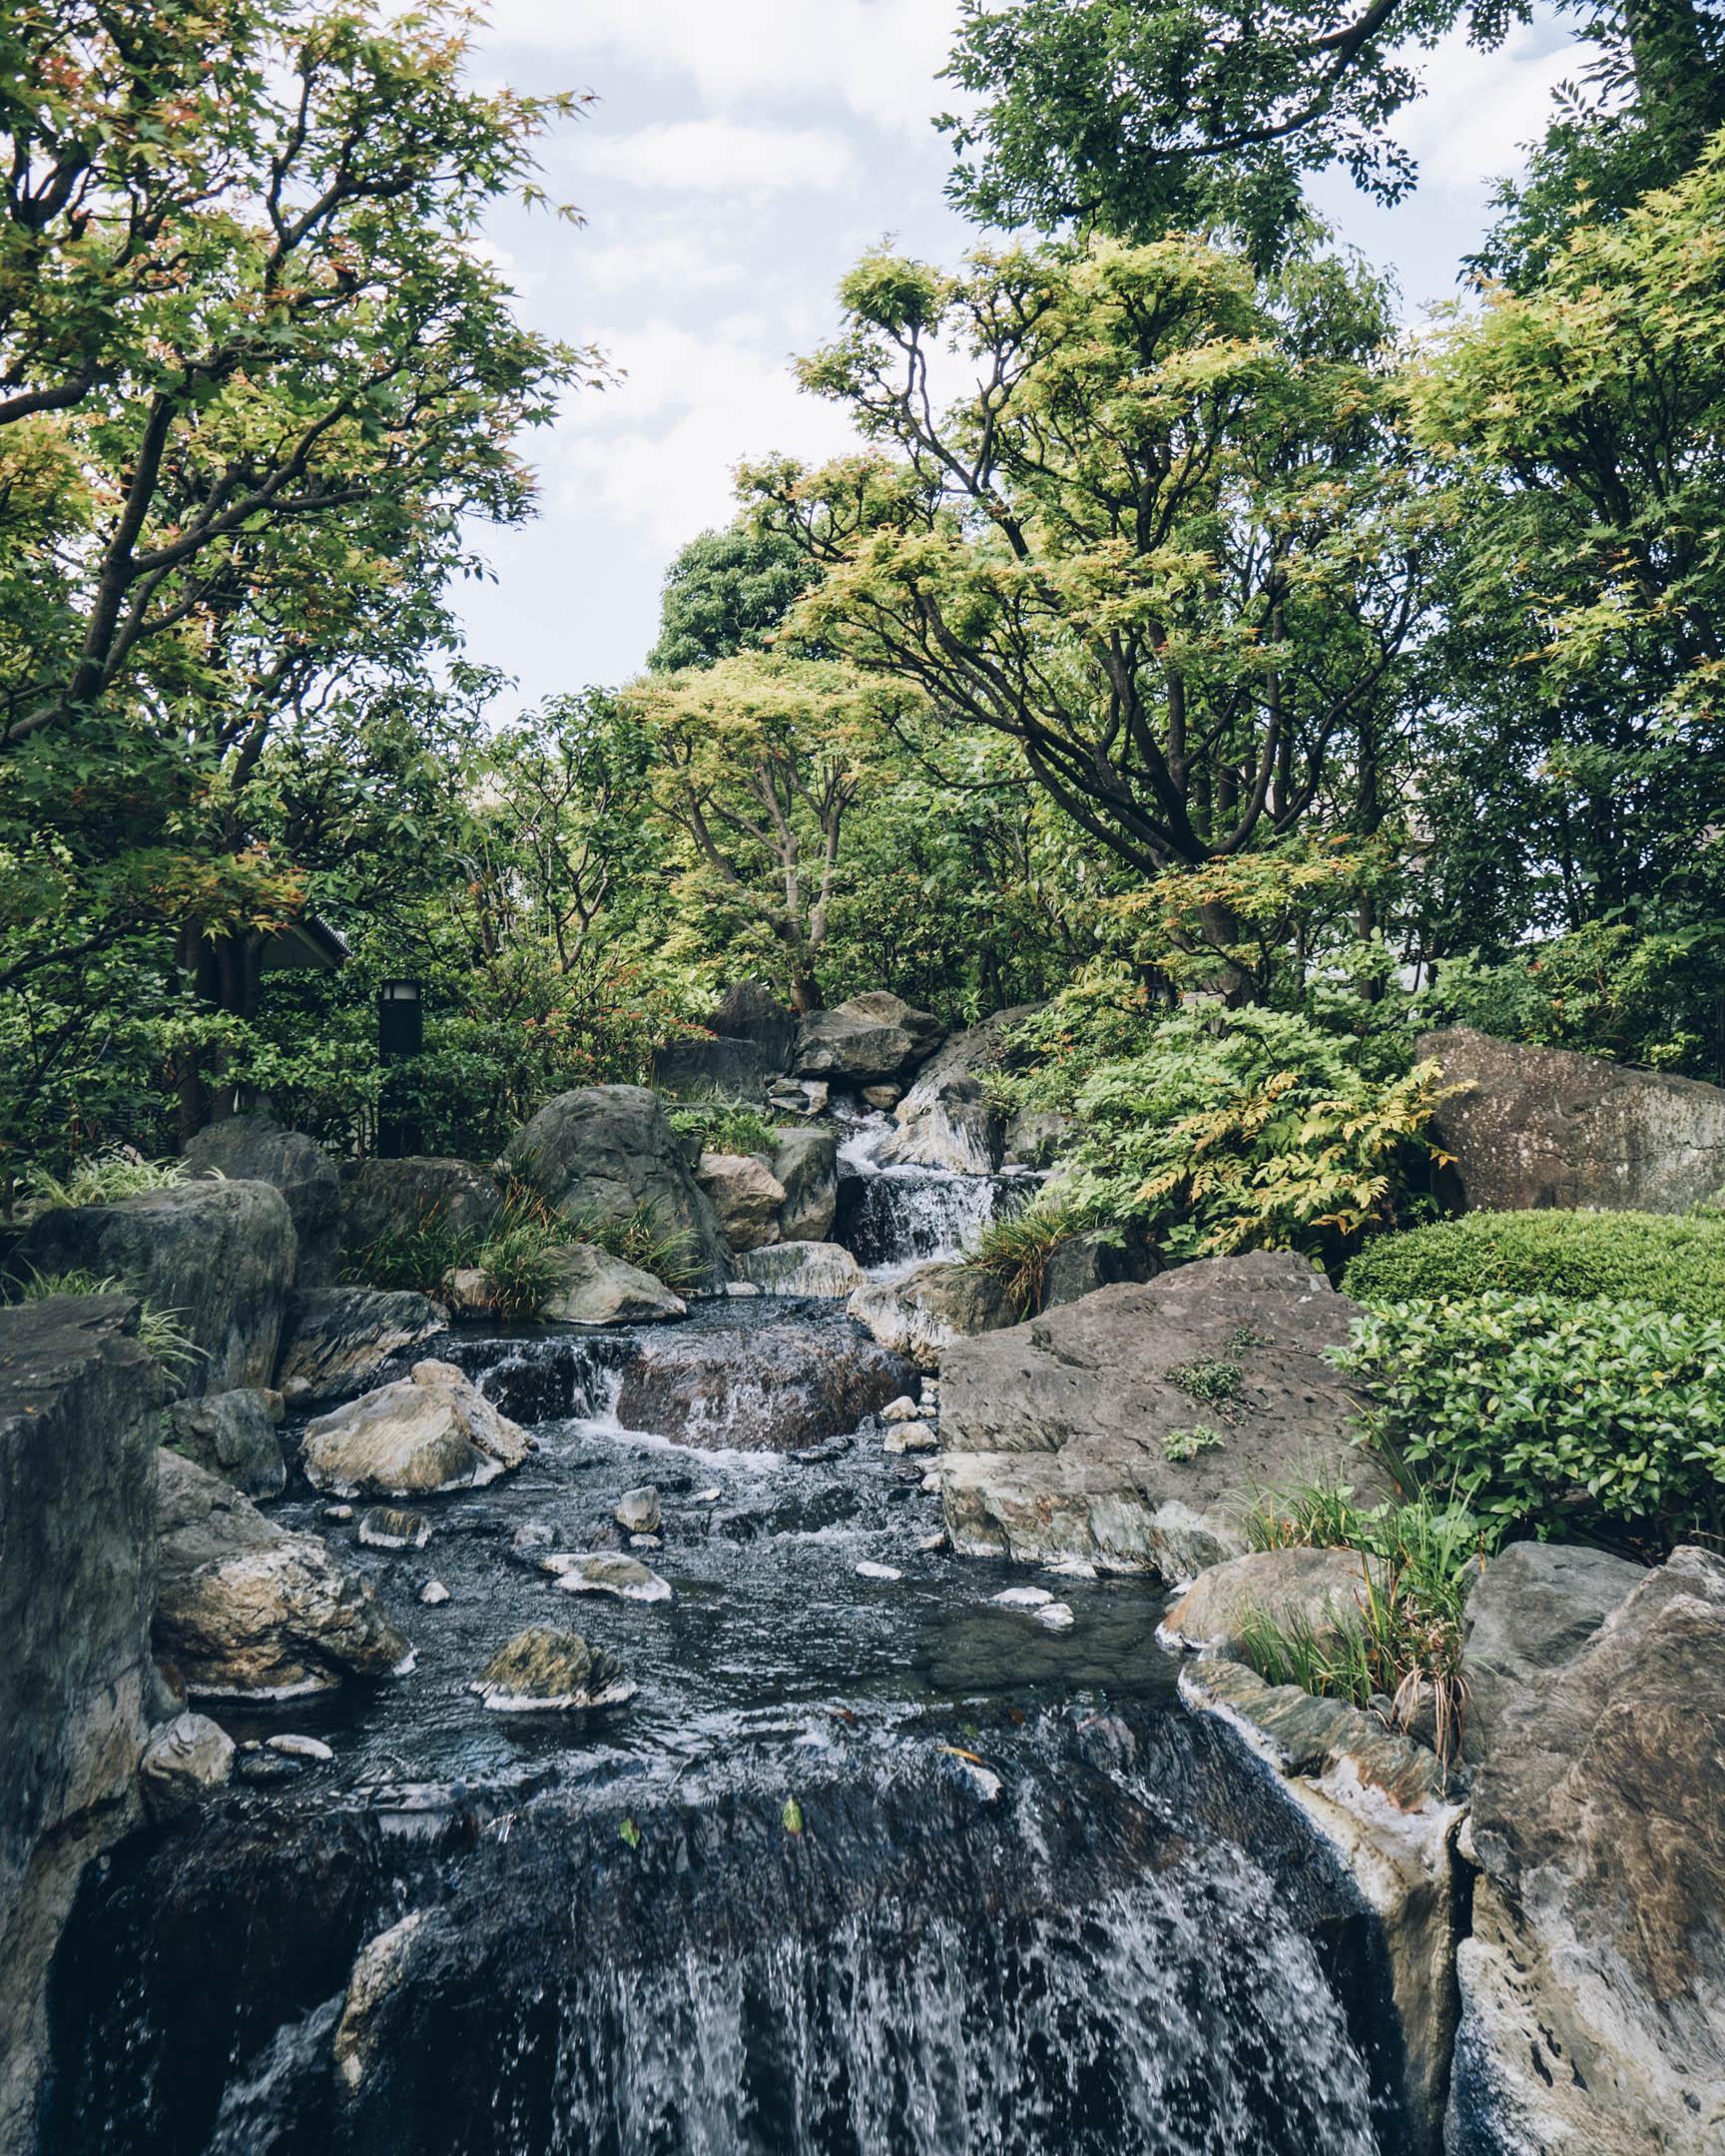 PINOSSA_TOKIO P6130030